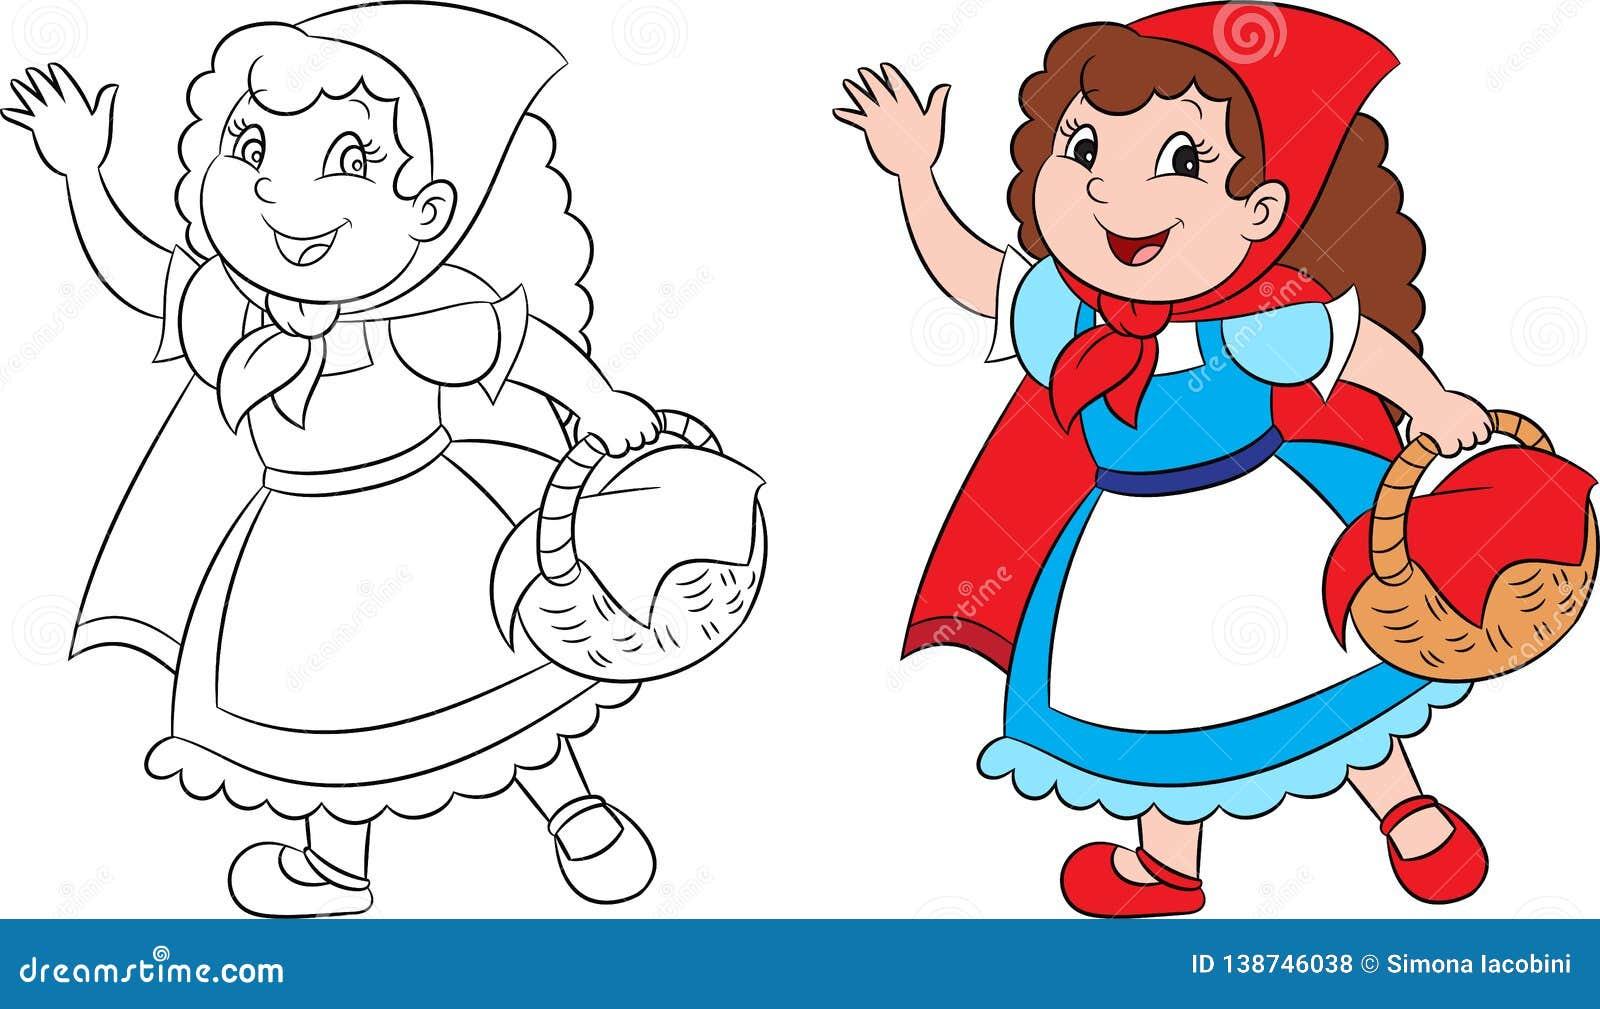 在小红骑兜帽的例证的前后可爱的Kawaii,在等高和颜色完善对儿童的彩图